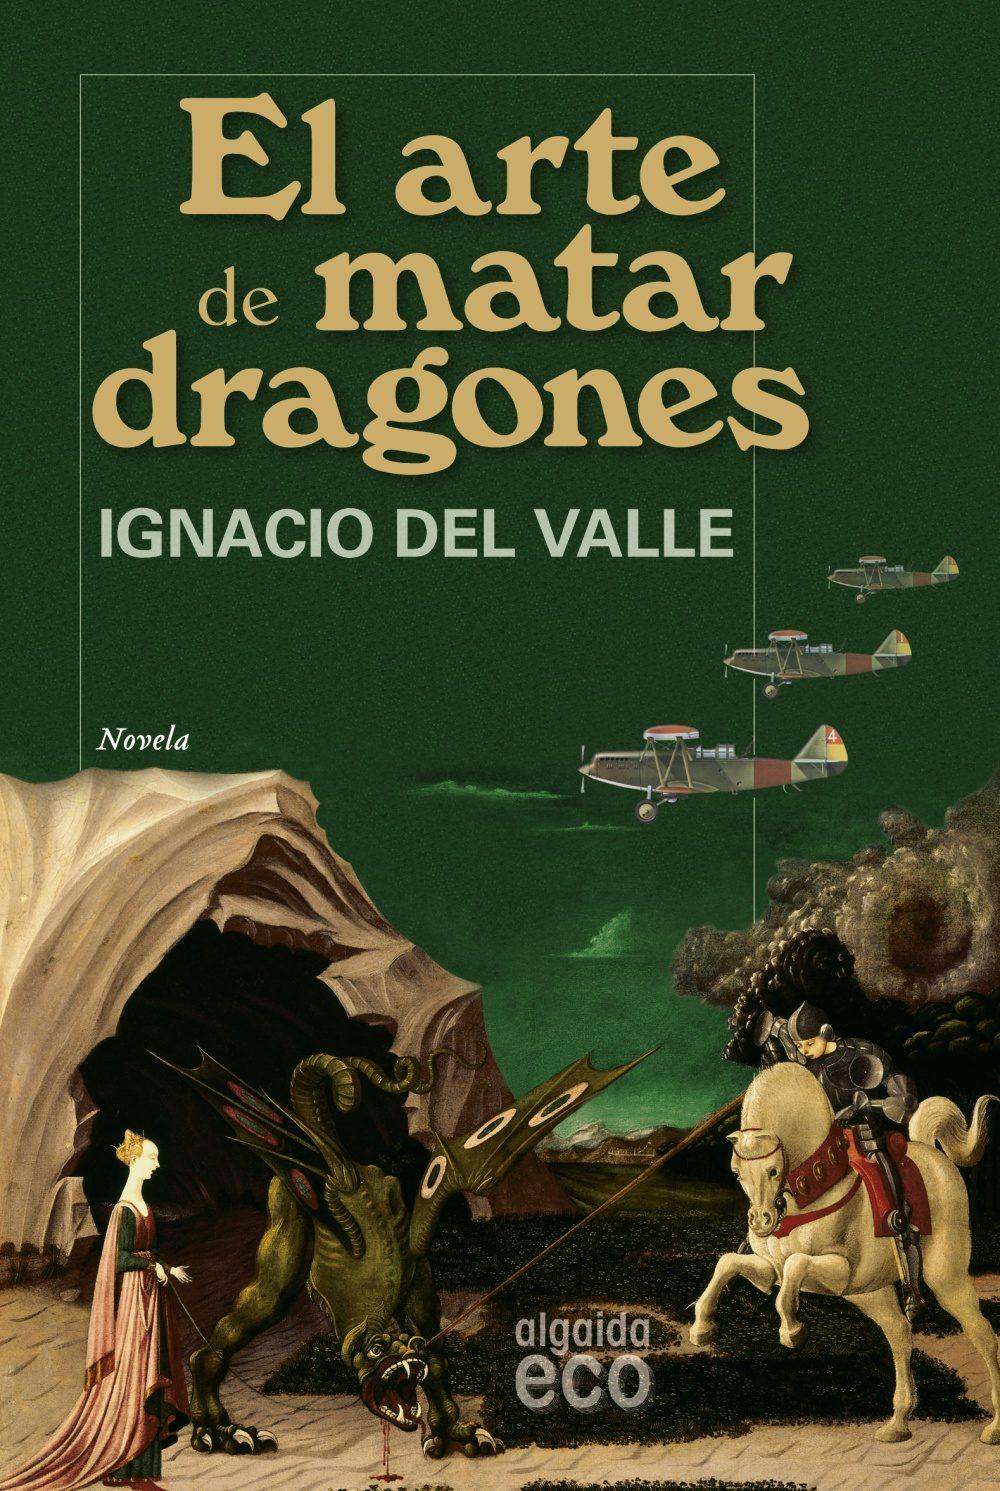 El arte de matar dragones